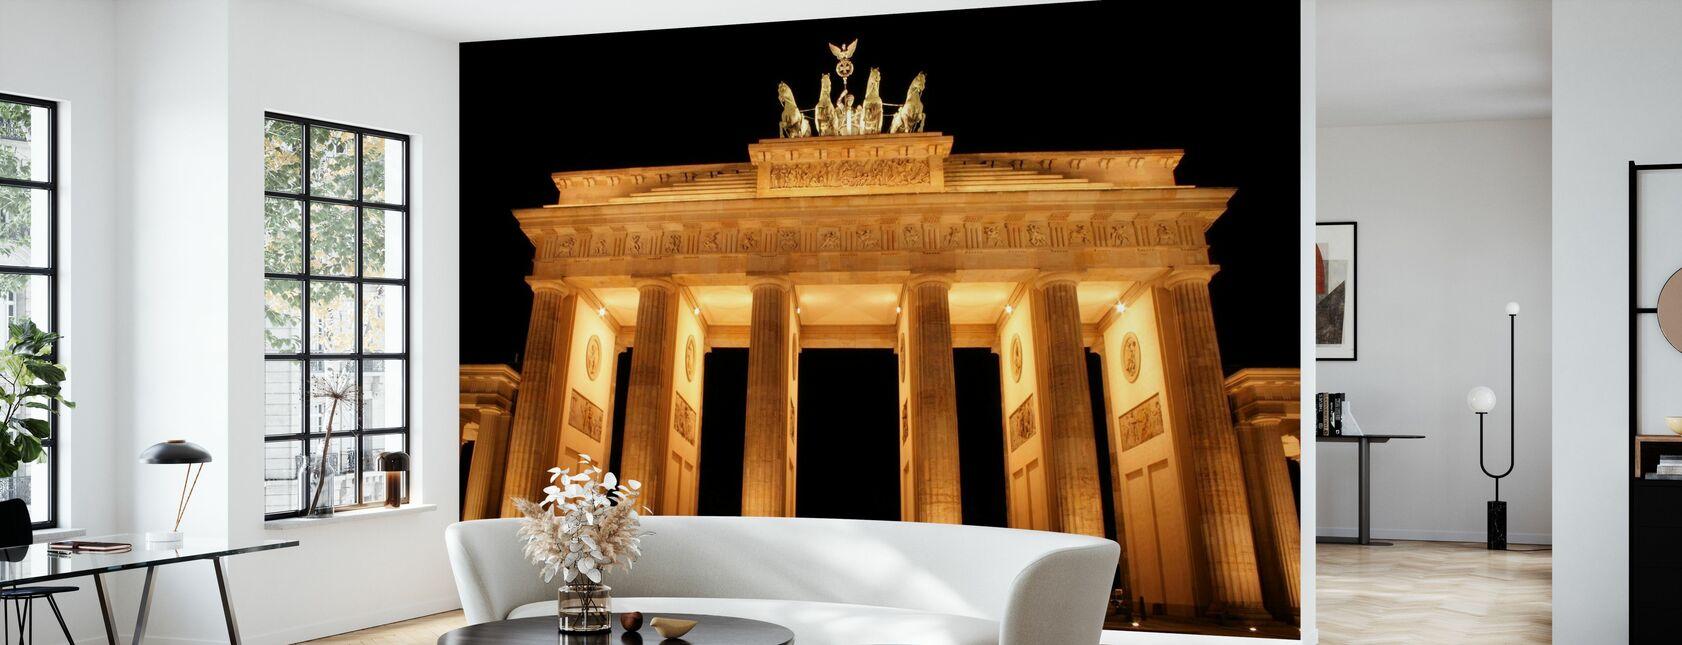 Brandenburger Tor bei Nacht - Tapete - Wohnzimmer